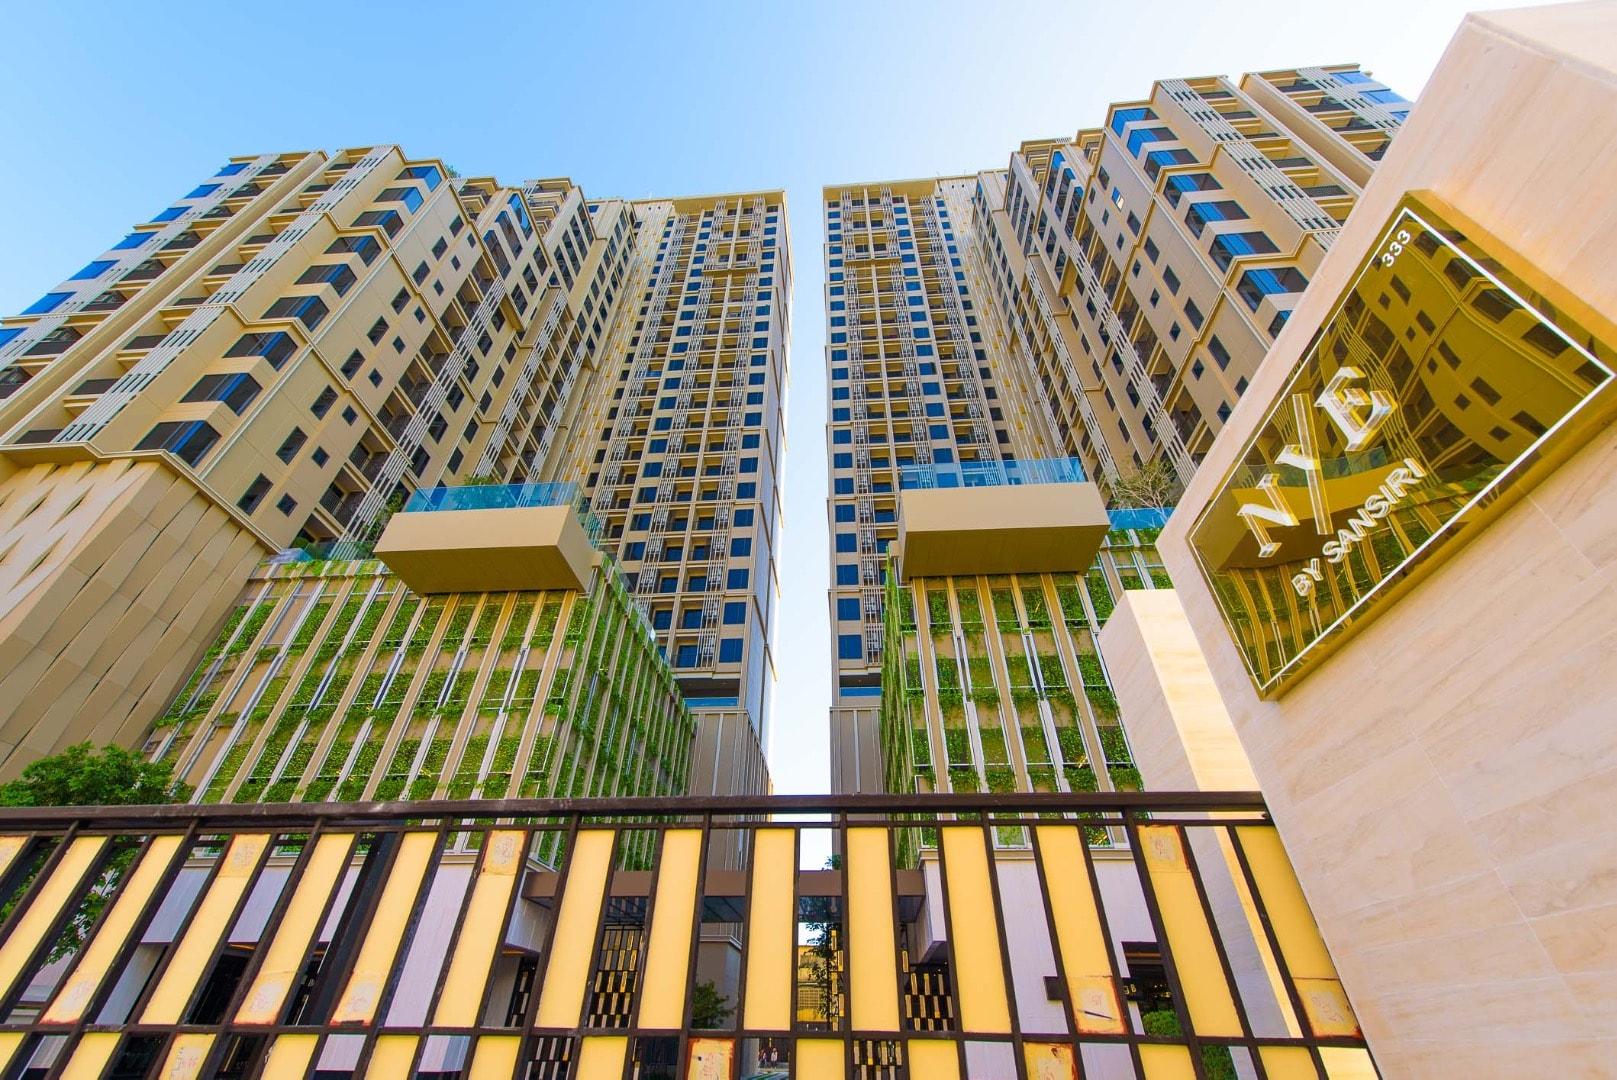 นายน์ บาย แสนสิริ [Nye by Sansiri] อาคาร 1